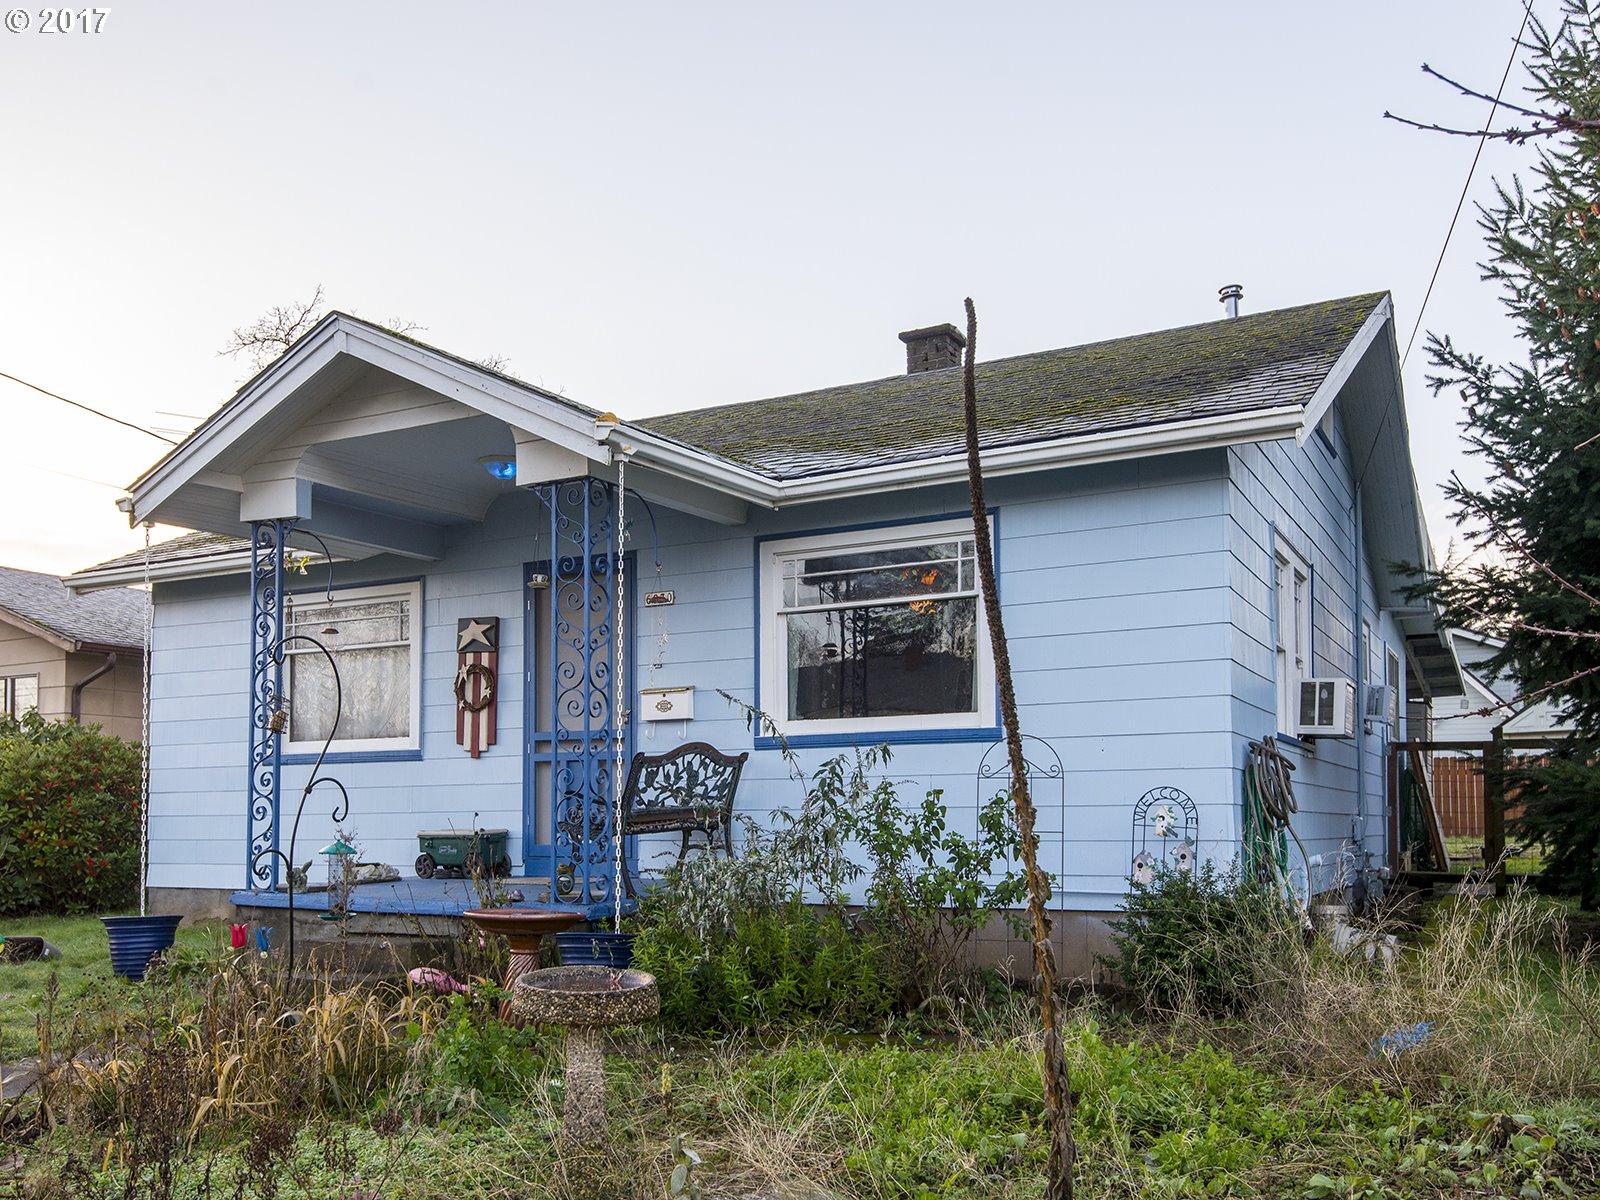 6930 N SYRACUSE ST, Portland OR 97203